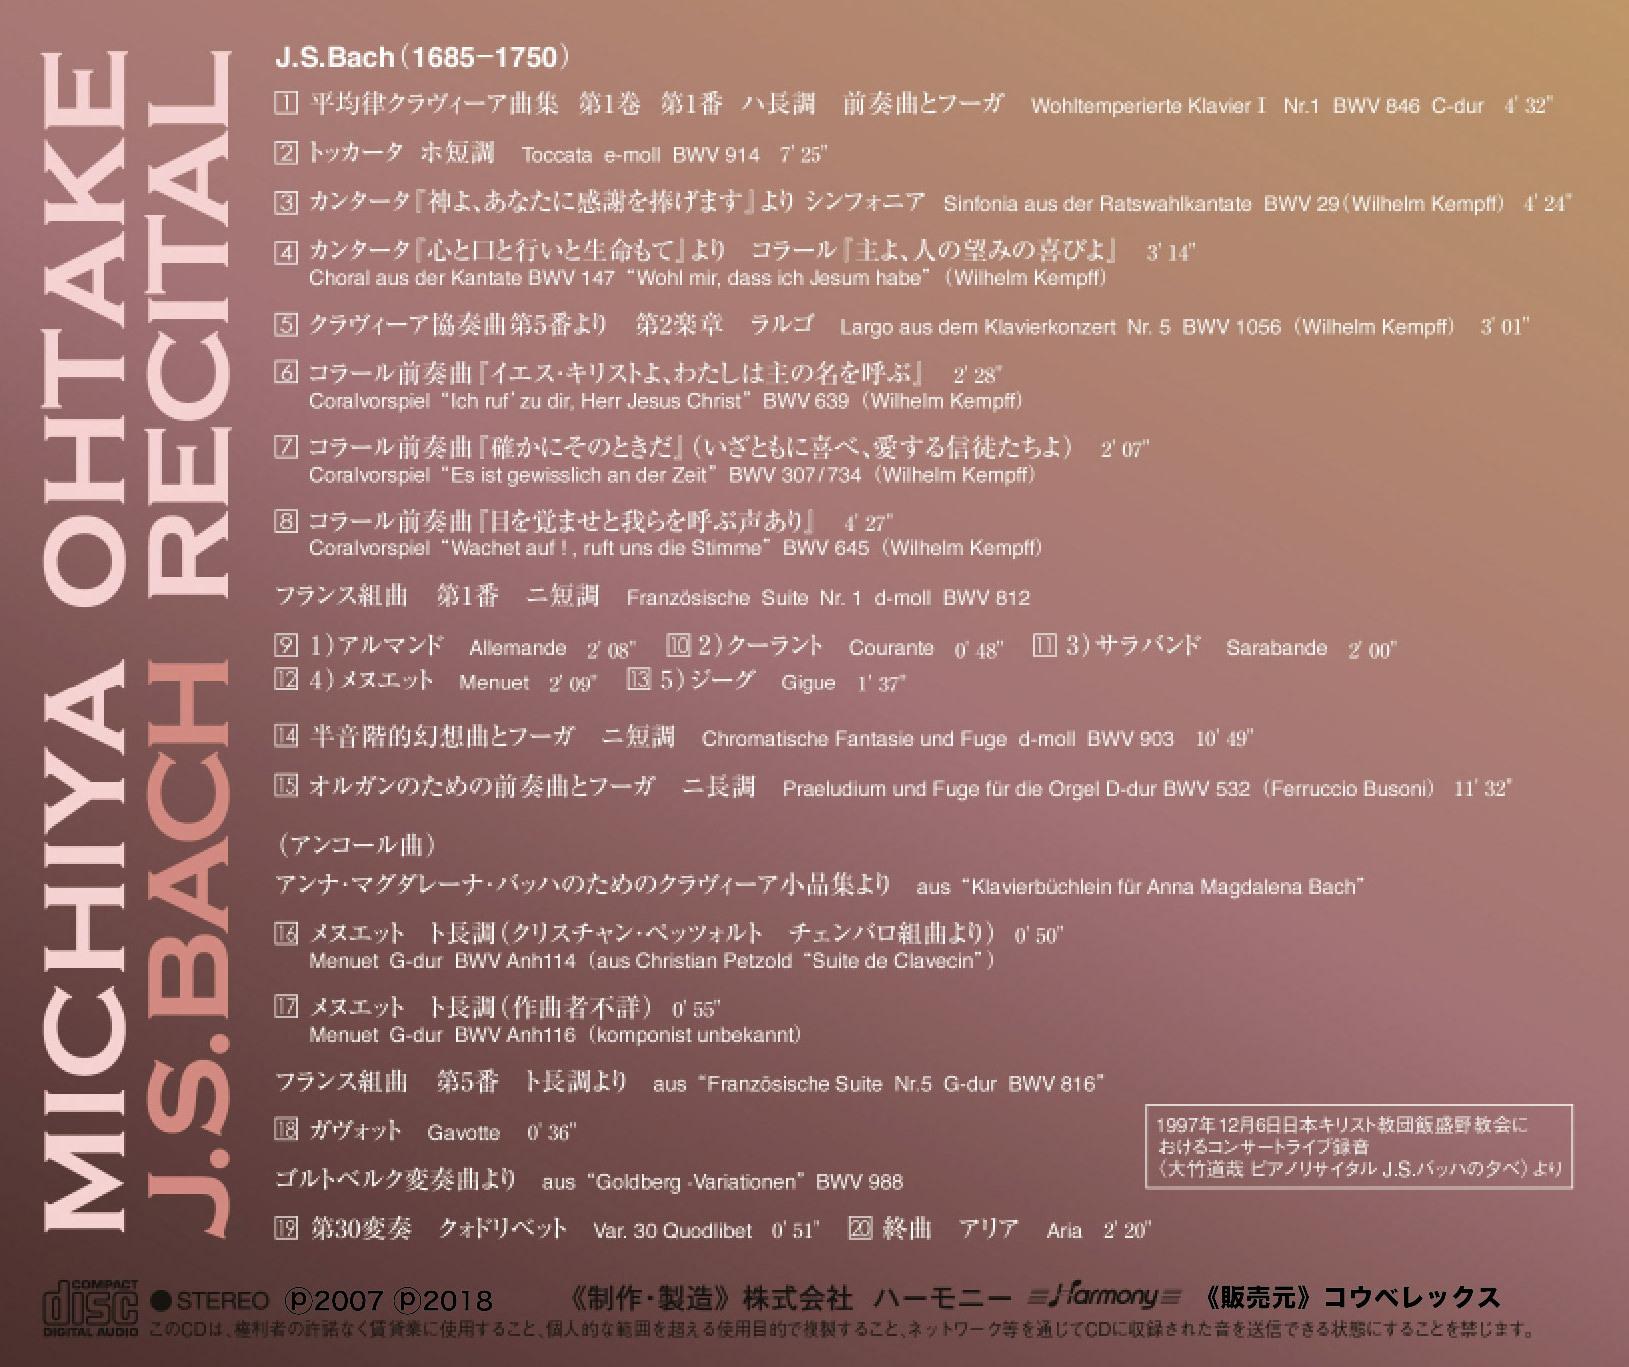 大竹道哉J.S. バッハ ピアノリサイタル 1997年ライブ録音